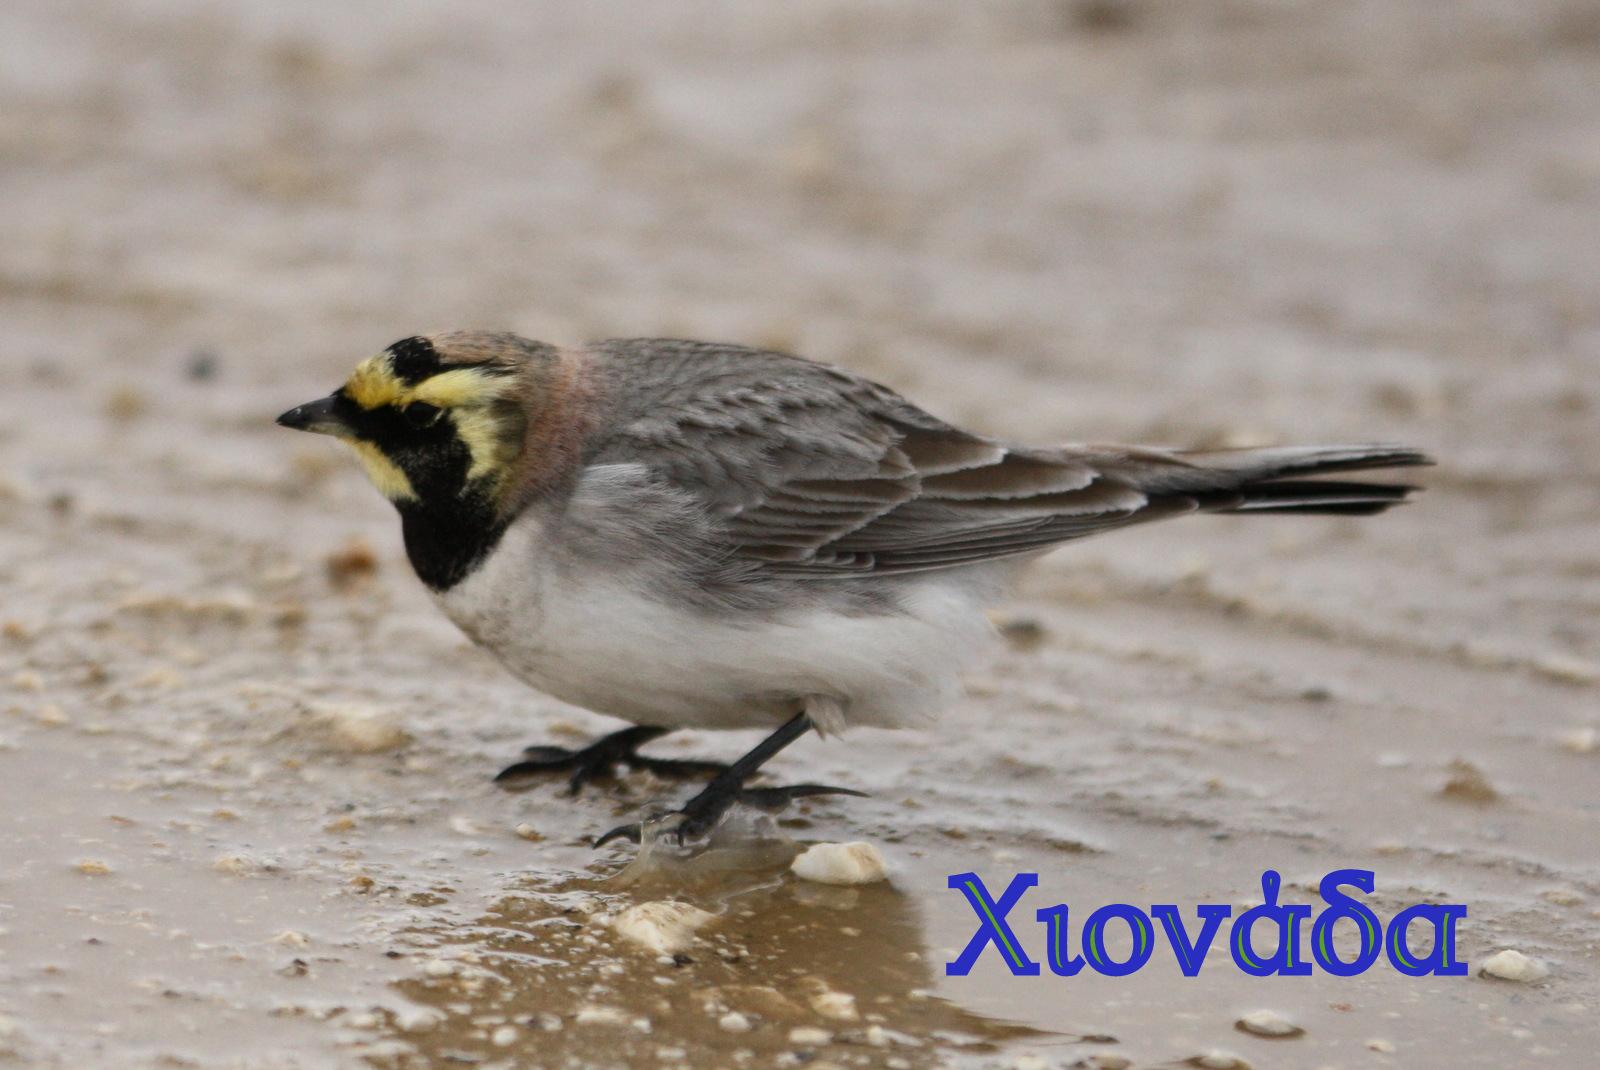 Ωραίο σκληρό πουλί